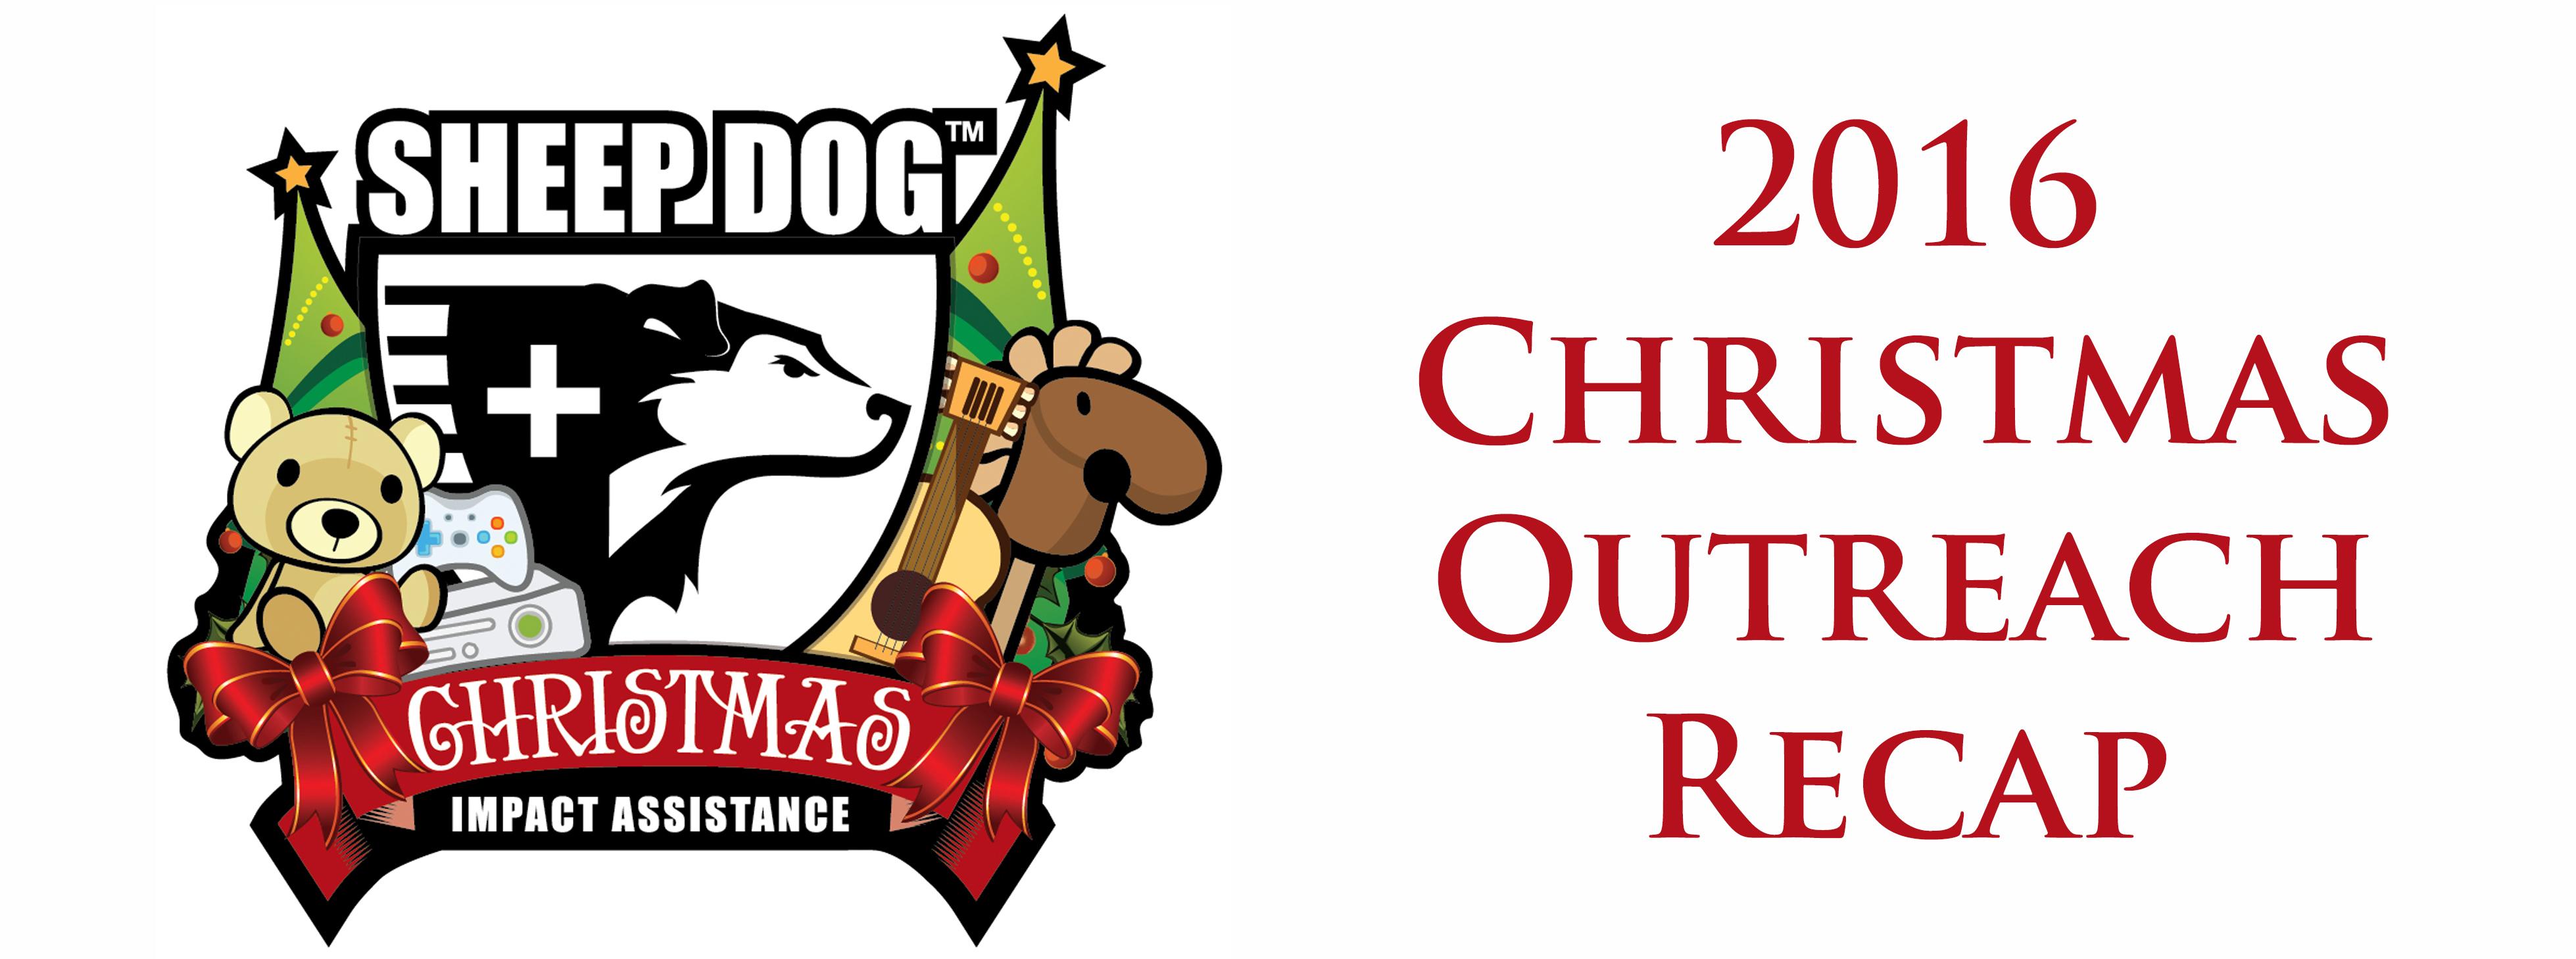 2016 Christmas Outreach Recap   Sheep Dog Impact Assistance